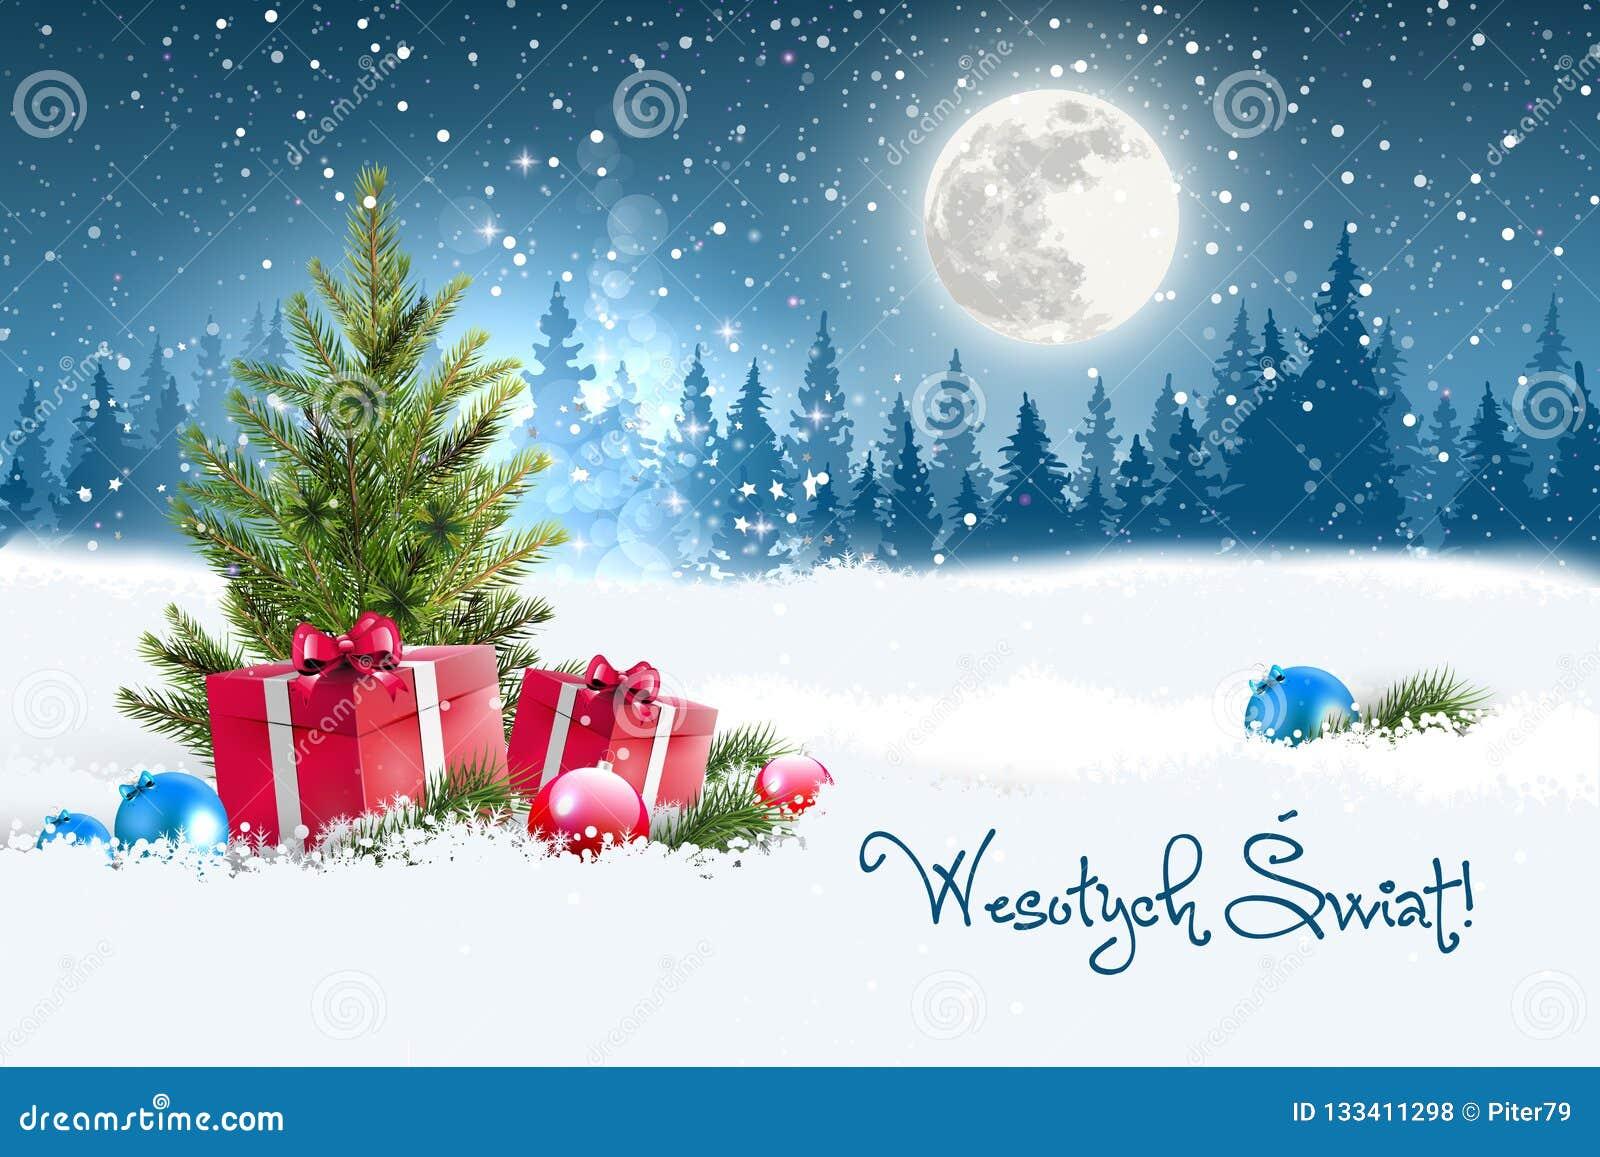 Merry Christmas In Polish.Christmas Greeting Card Concept Merry Christmas In Polish